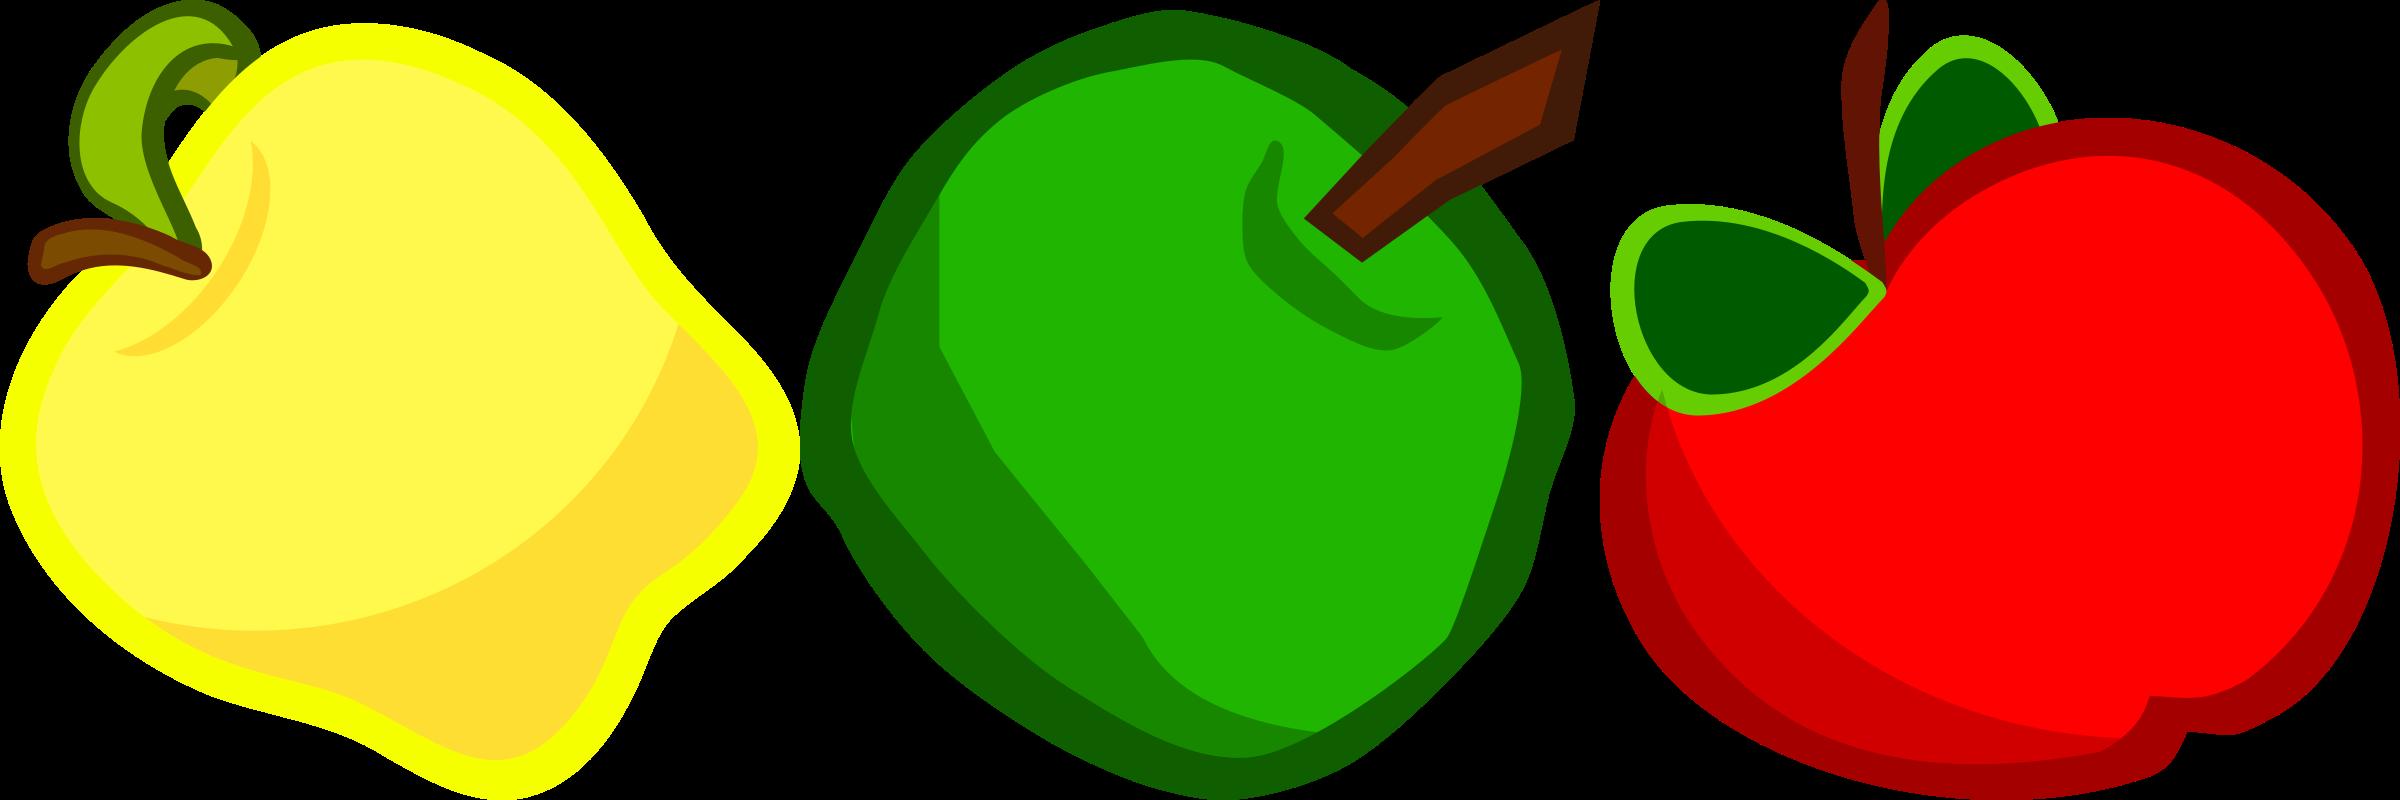 Apple banner clipart clip art download Clipart - Three Cartoony Apples clip art download